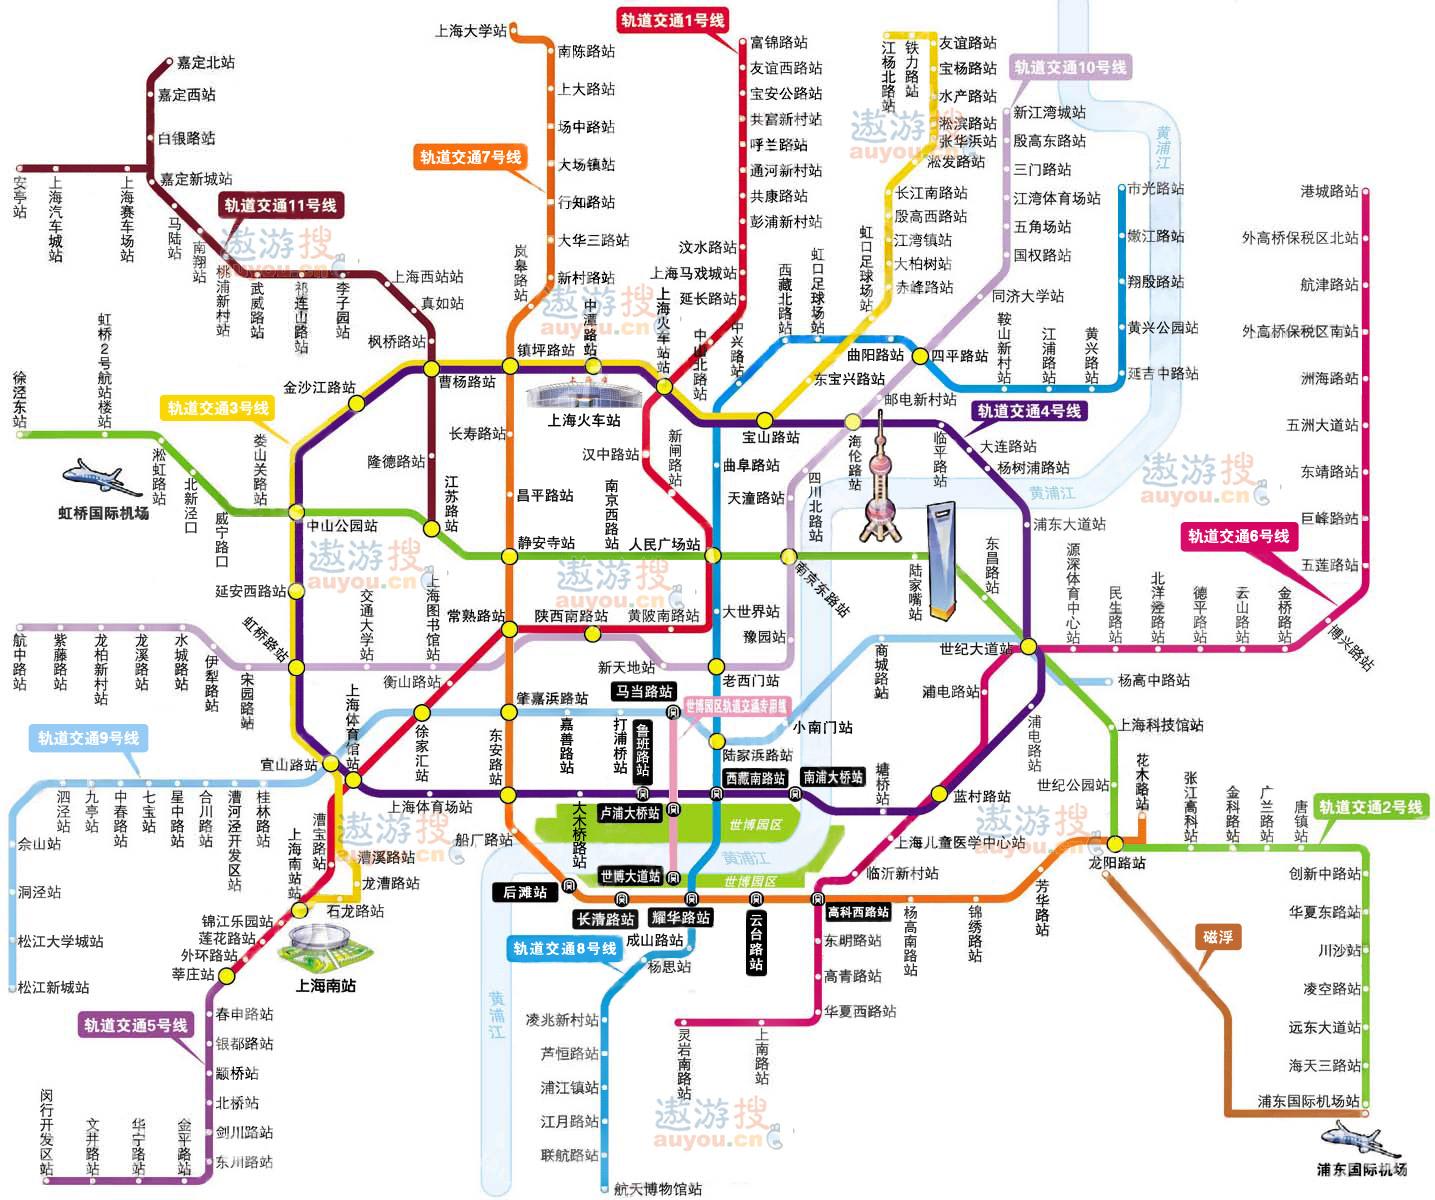 上海市地铁线路图   2015年规划图 7.上海   管理员日志